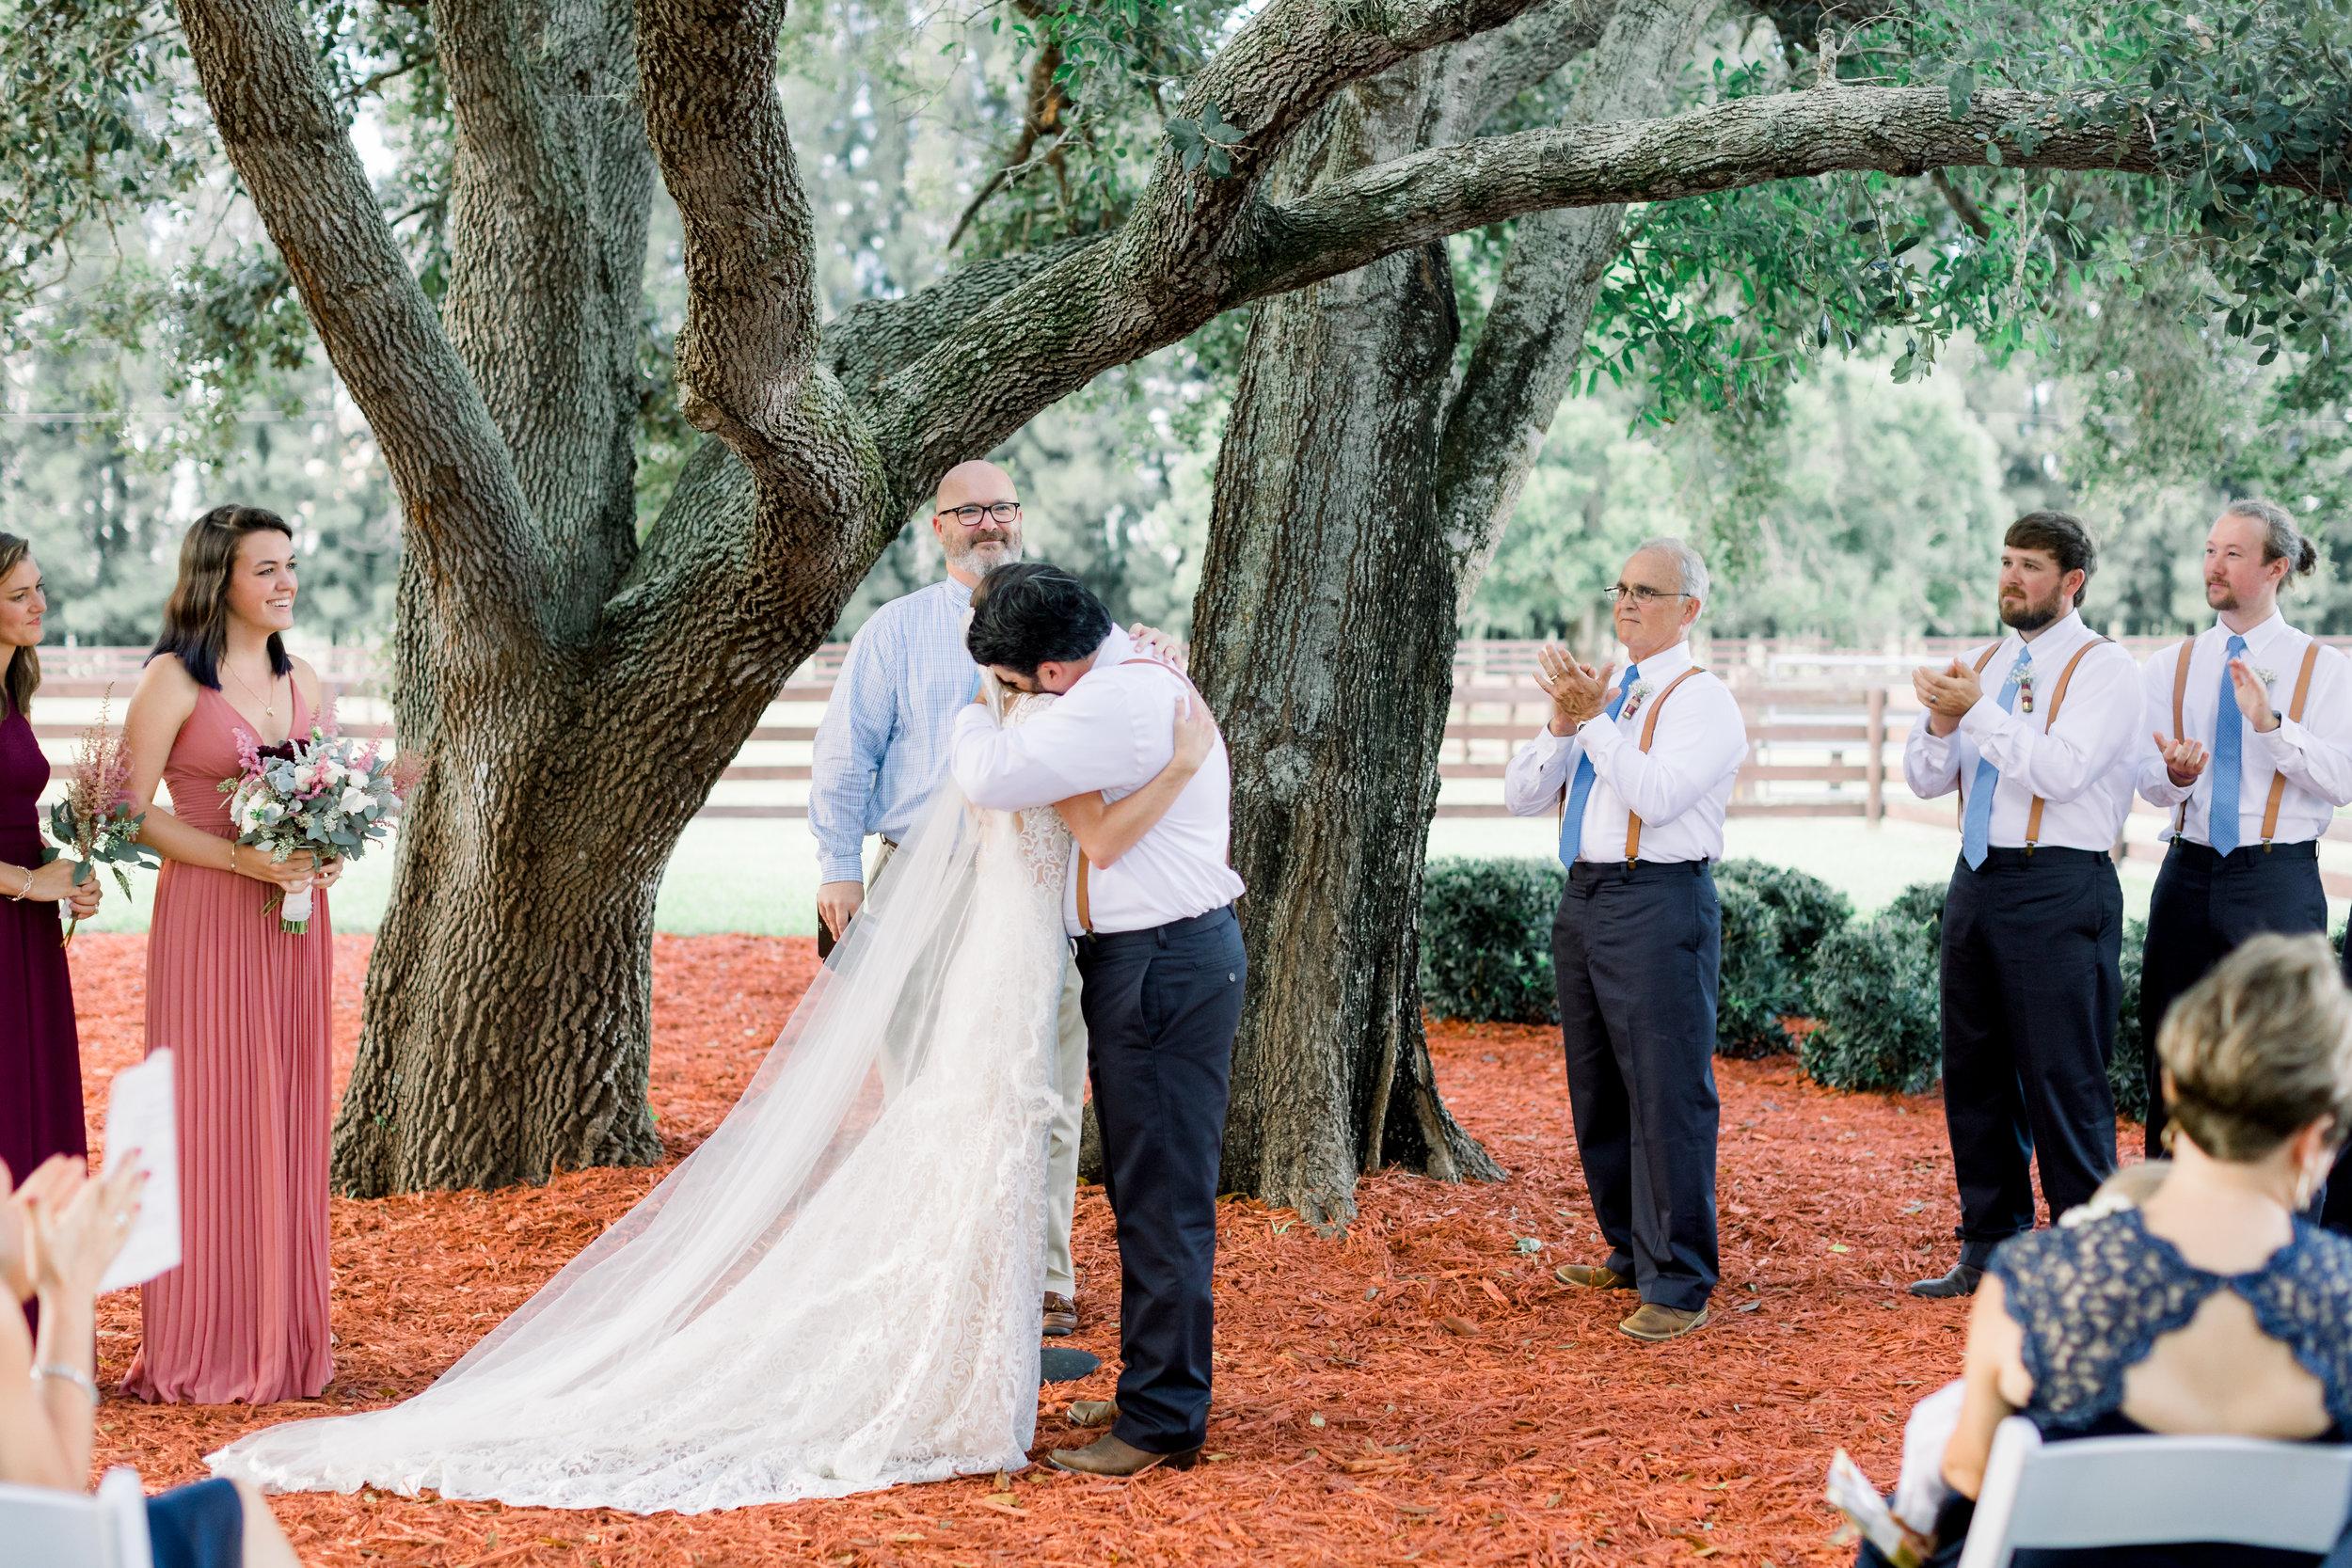 fellsmerefloridawedding-2.jpg